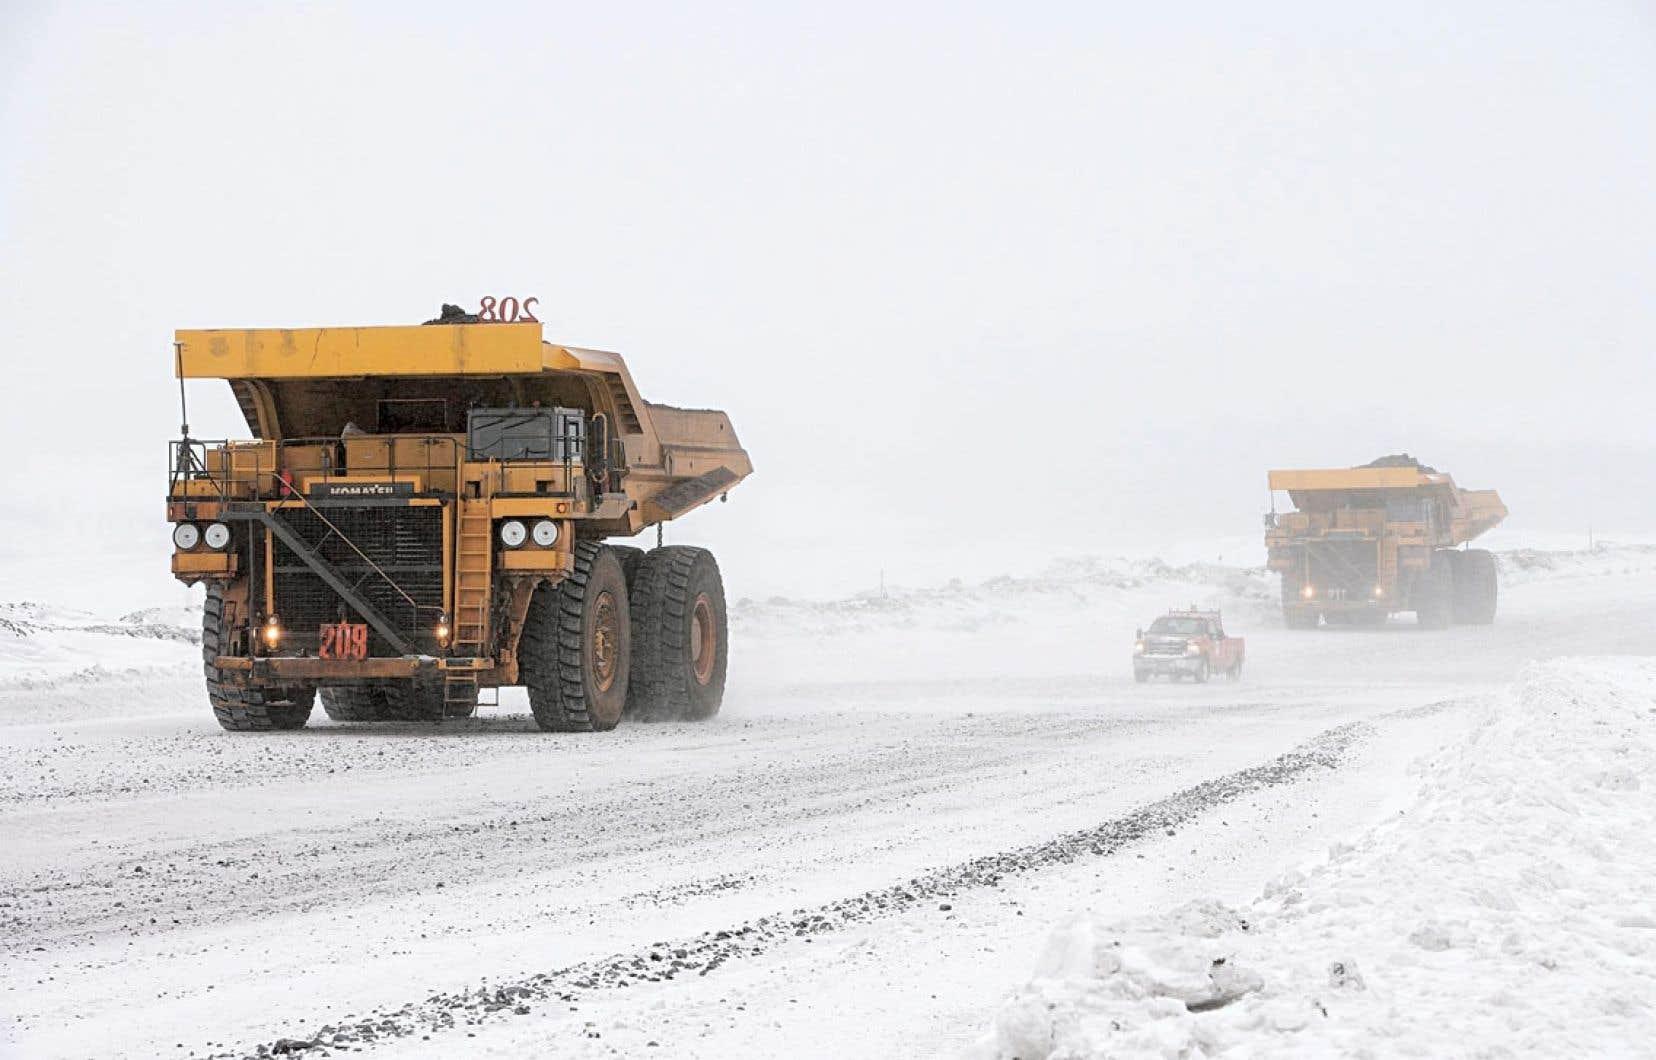 Pauline Marois a indiqué qu'elle s'attaquera à la hausse des redevances minières à la reprise des travaux à l'Assemblée nationale, ce que déplore laFédération des chambres de commerce du Québec (FCCQ).